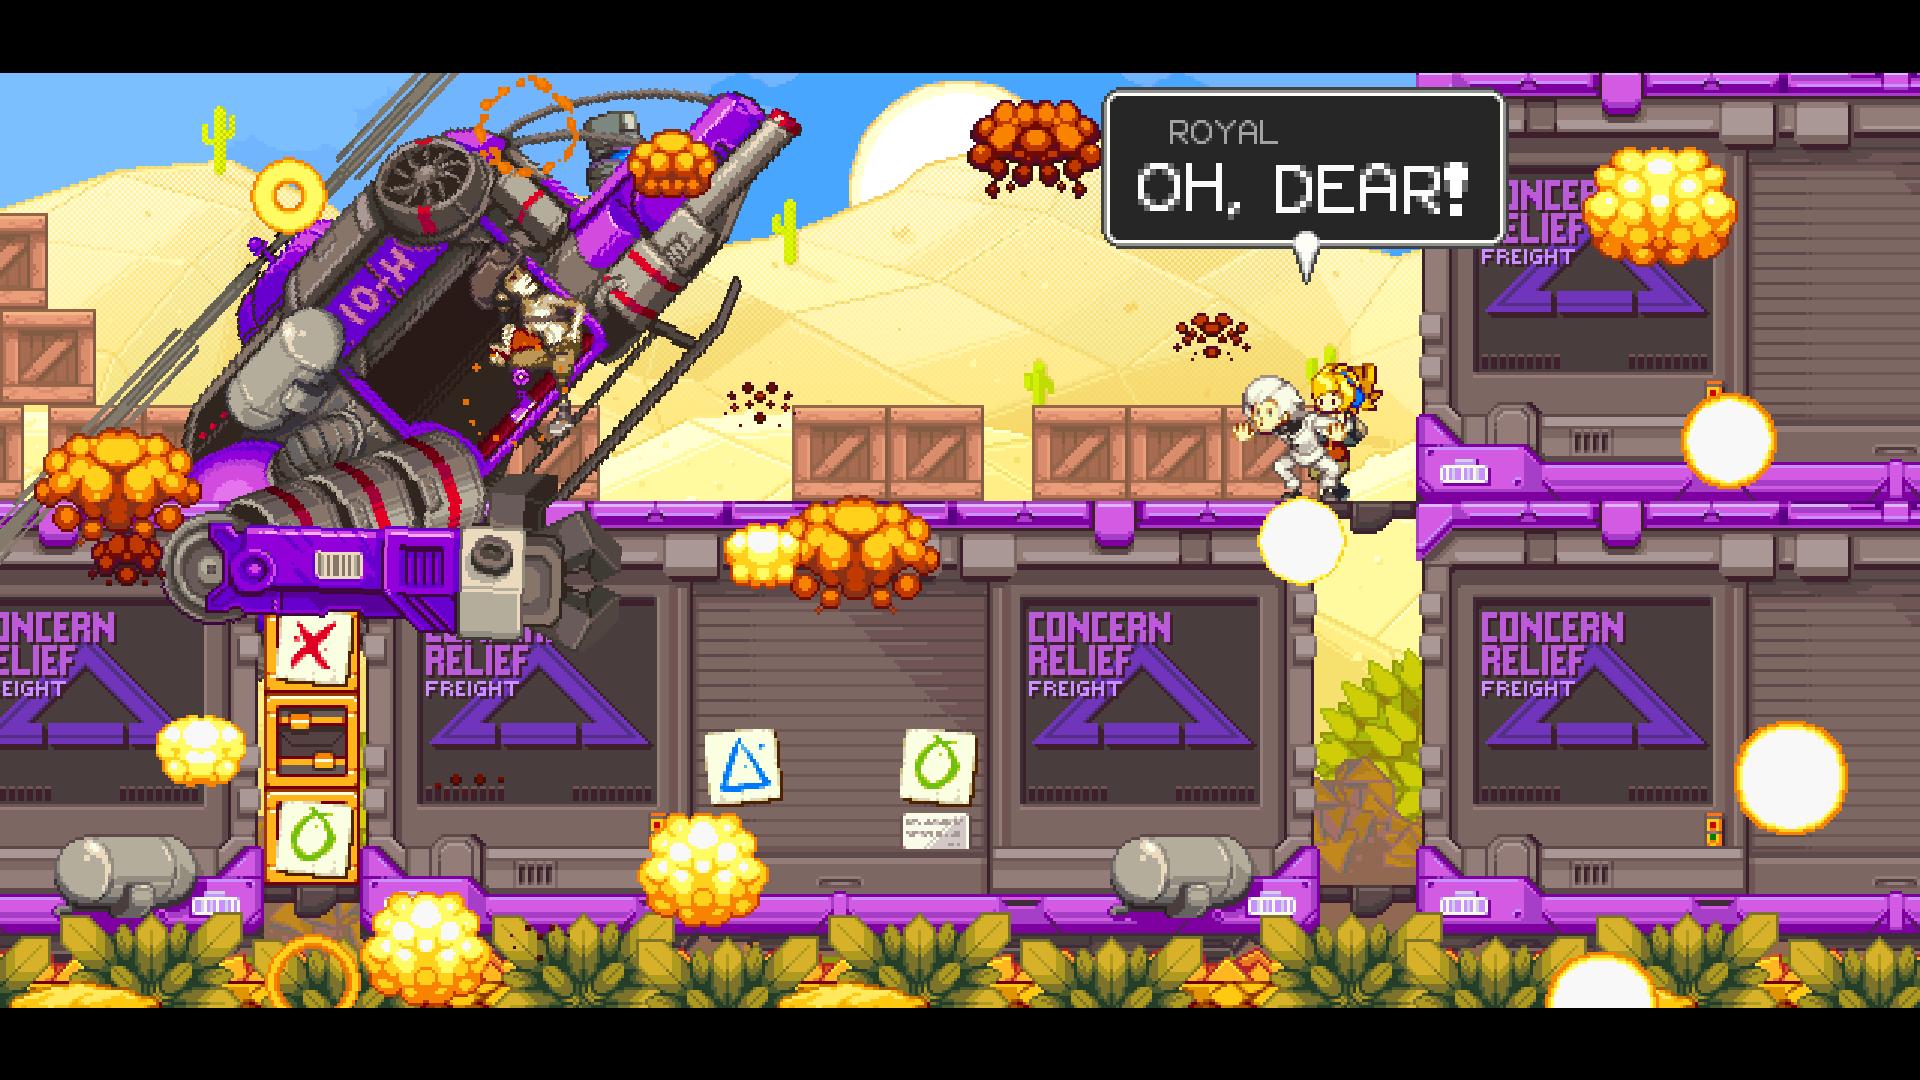 Ничего необычного для данной игры - просто вертовлёт взрывается, на взрывающемся поезеде, который останавливает эмпат...